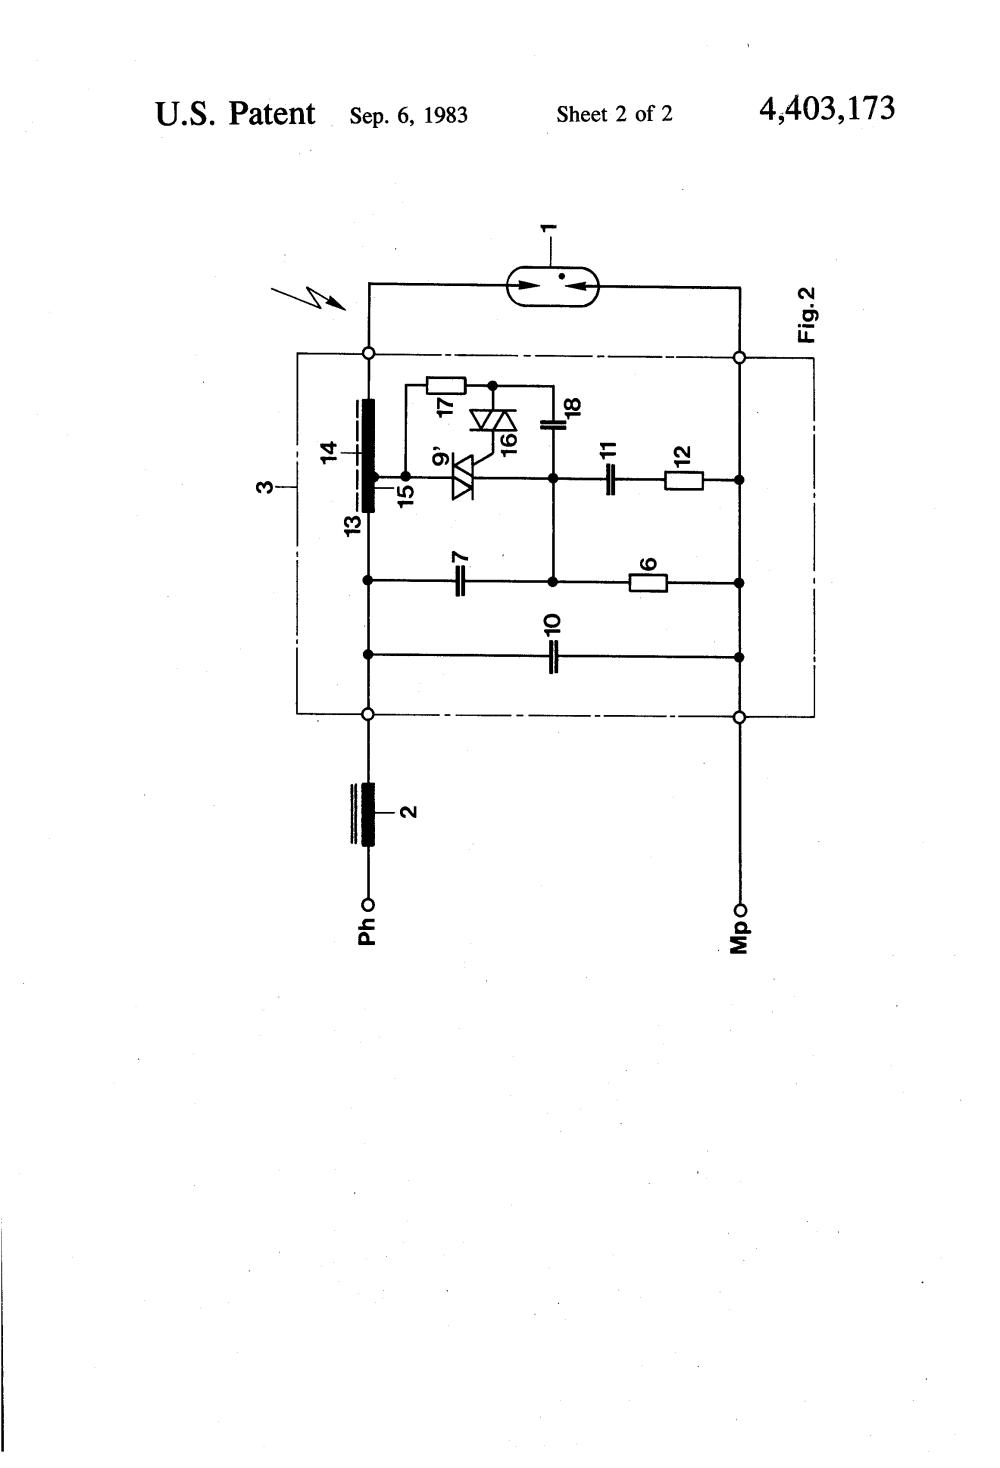 medium resolution of sodium wiring diagram wiring diagramsodium lights wiring diagram wiring diagram automotivesodium wiring diagram wiring librarydraw circuit